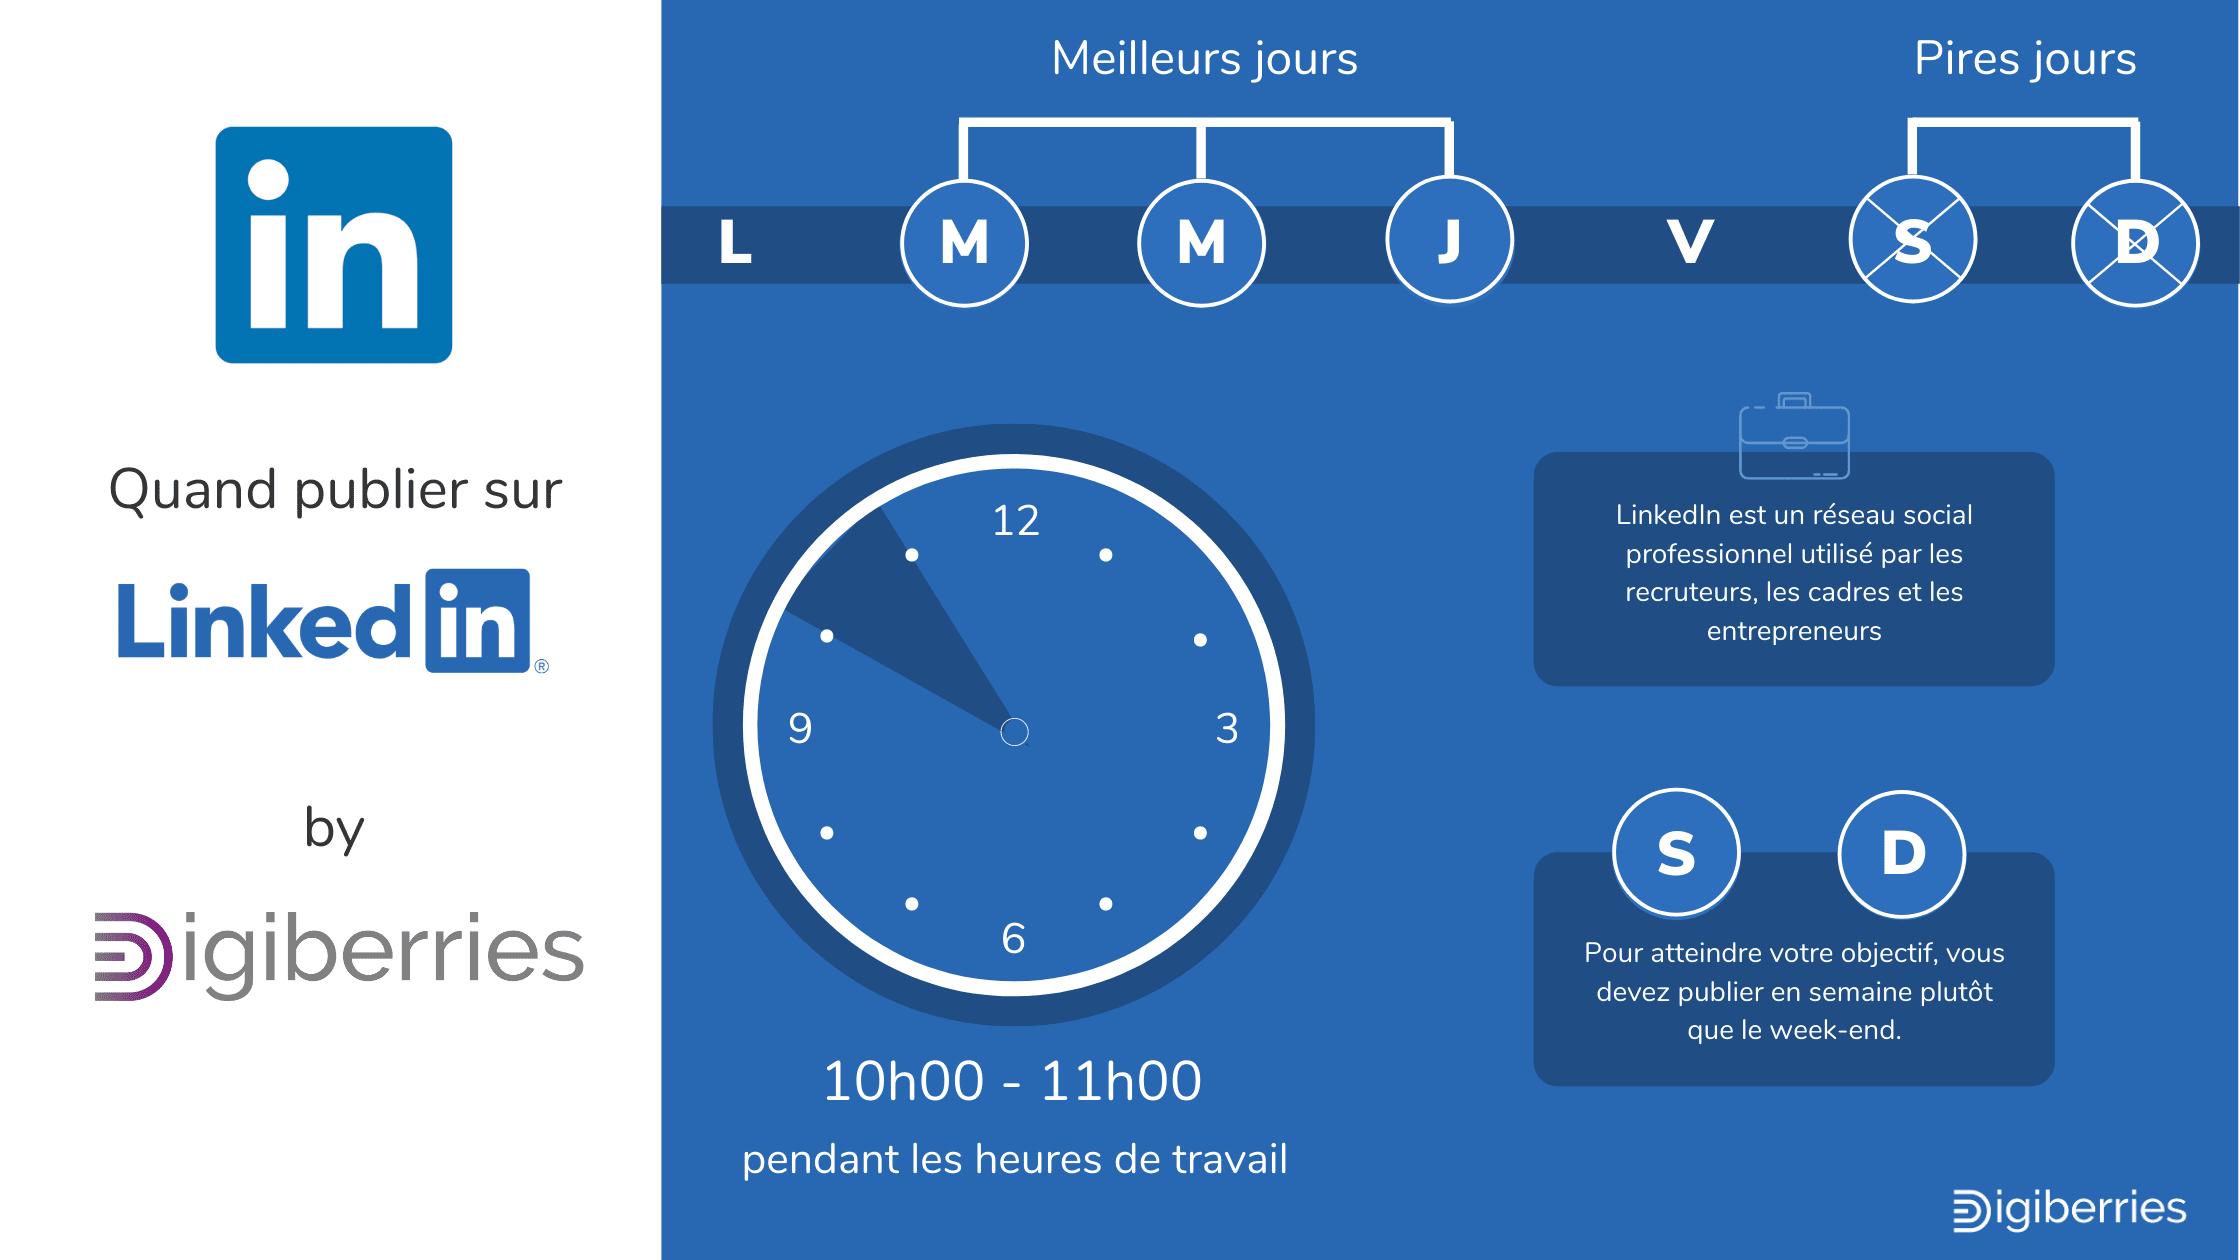 Image pour comprendre les fuseaux horaires pous poster sur LinkedIn